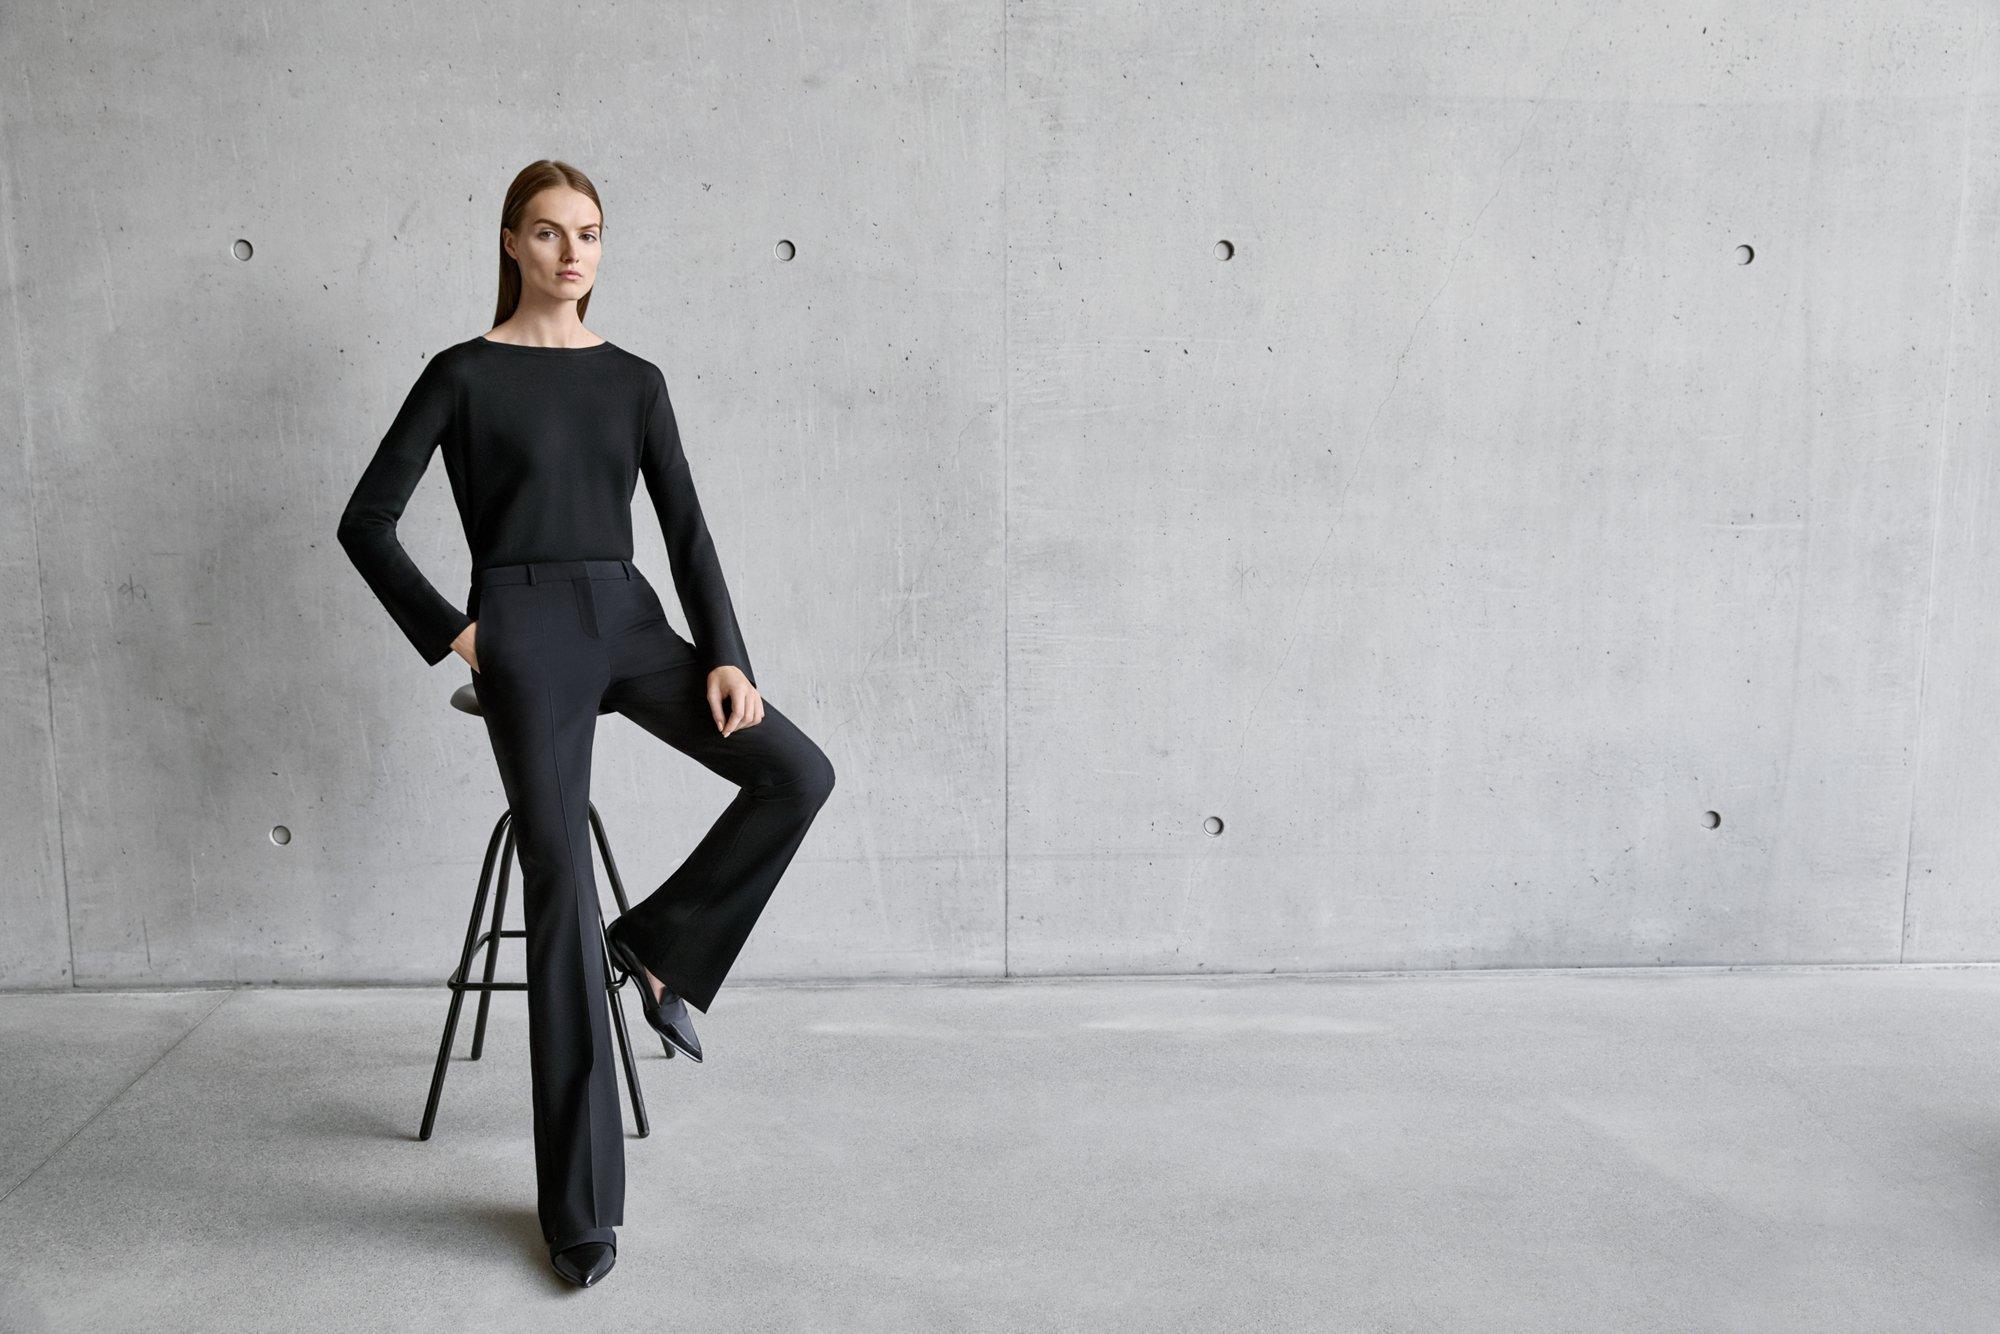 Zwarte blouse, broek en schoenen van BOSS